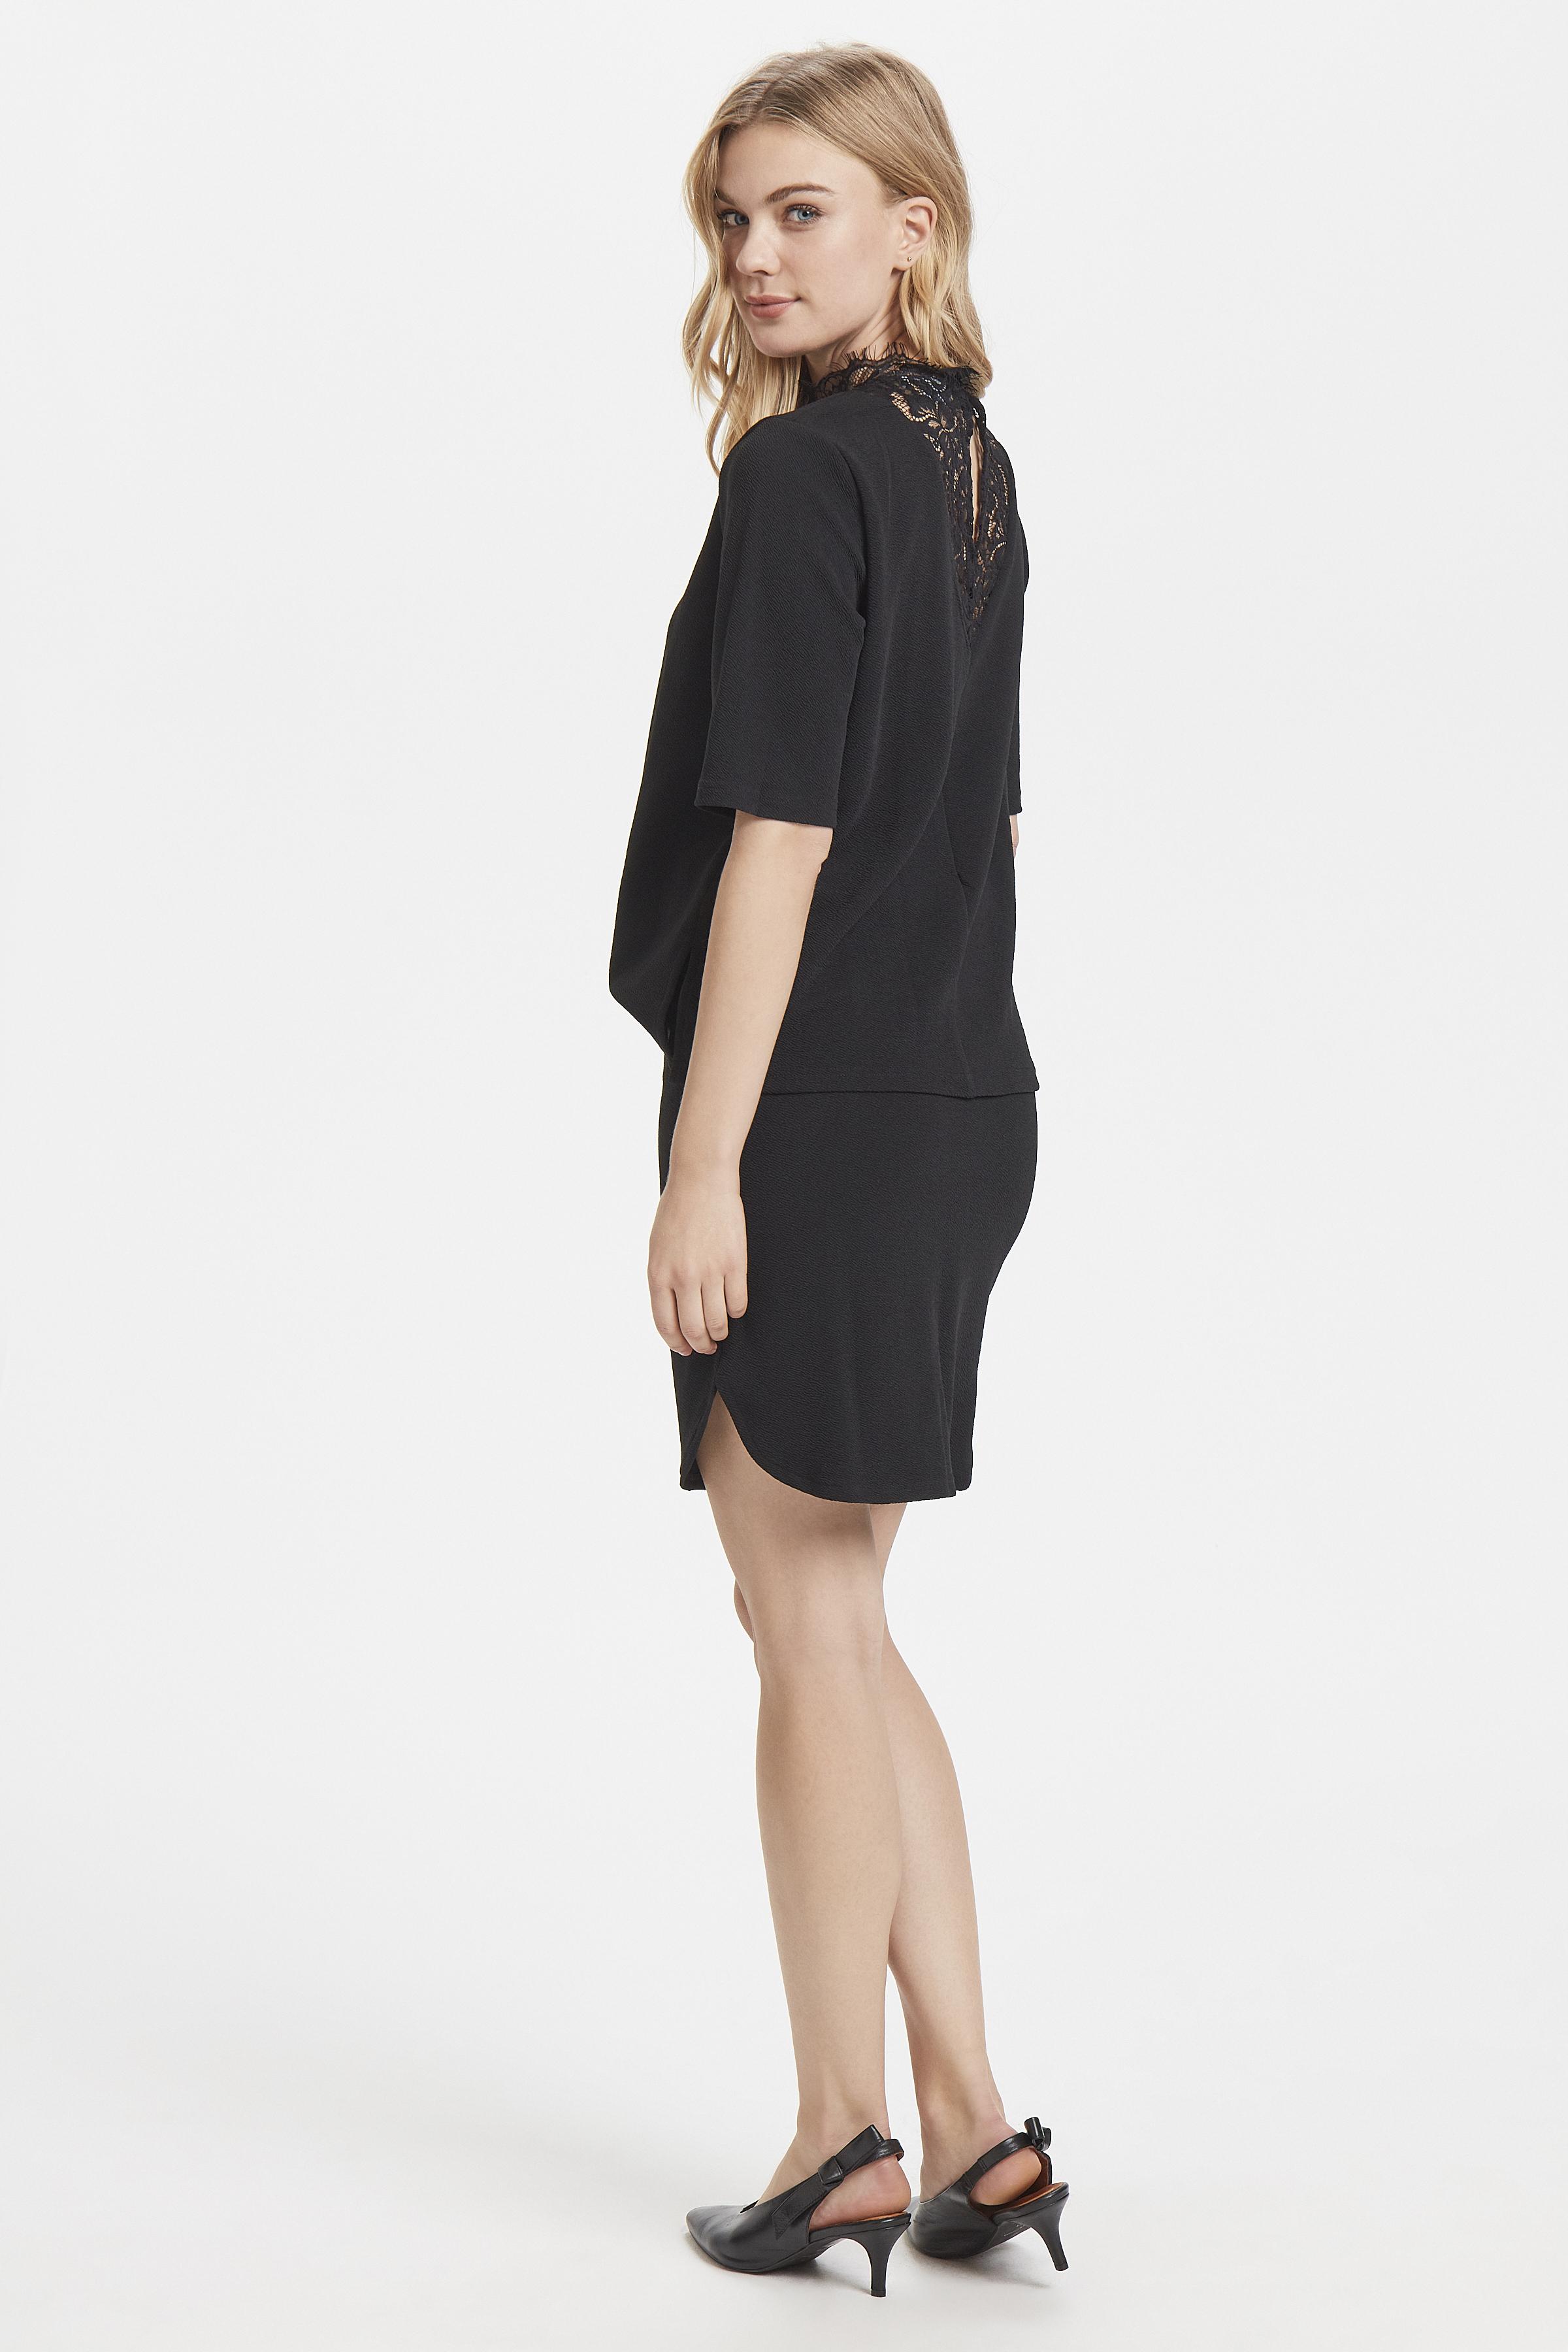 Black Jerseyklänning från b.young – Köp Black Jerseyklänning från storlek XS-XL här